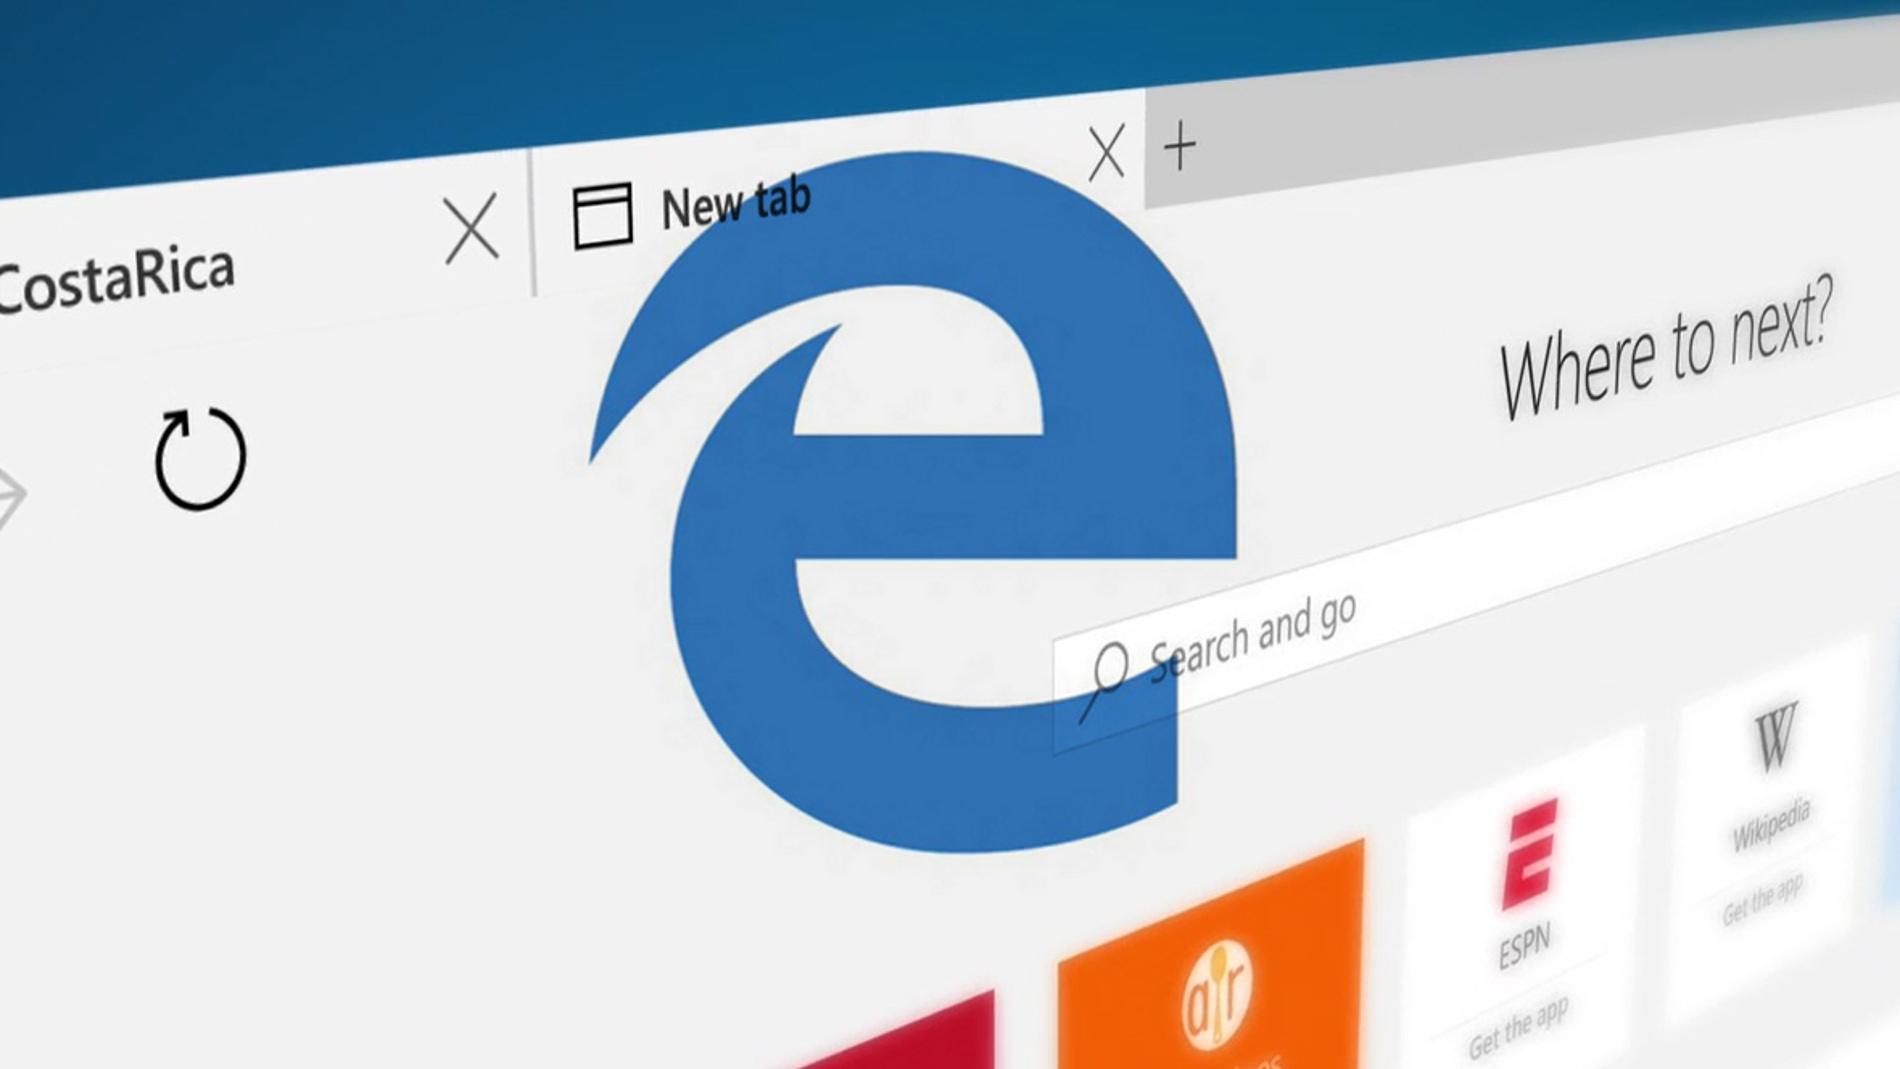 El nuevo navegador de Windows: Edge